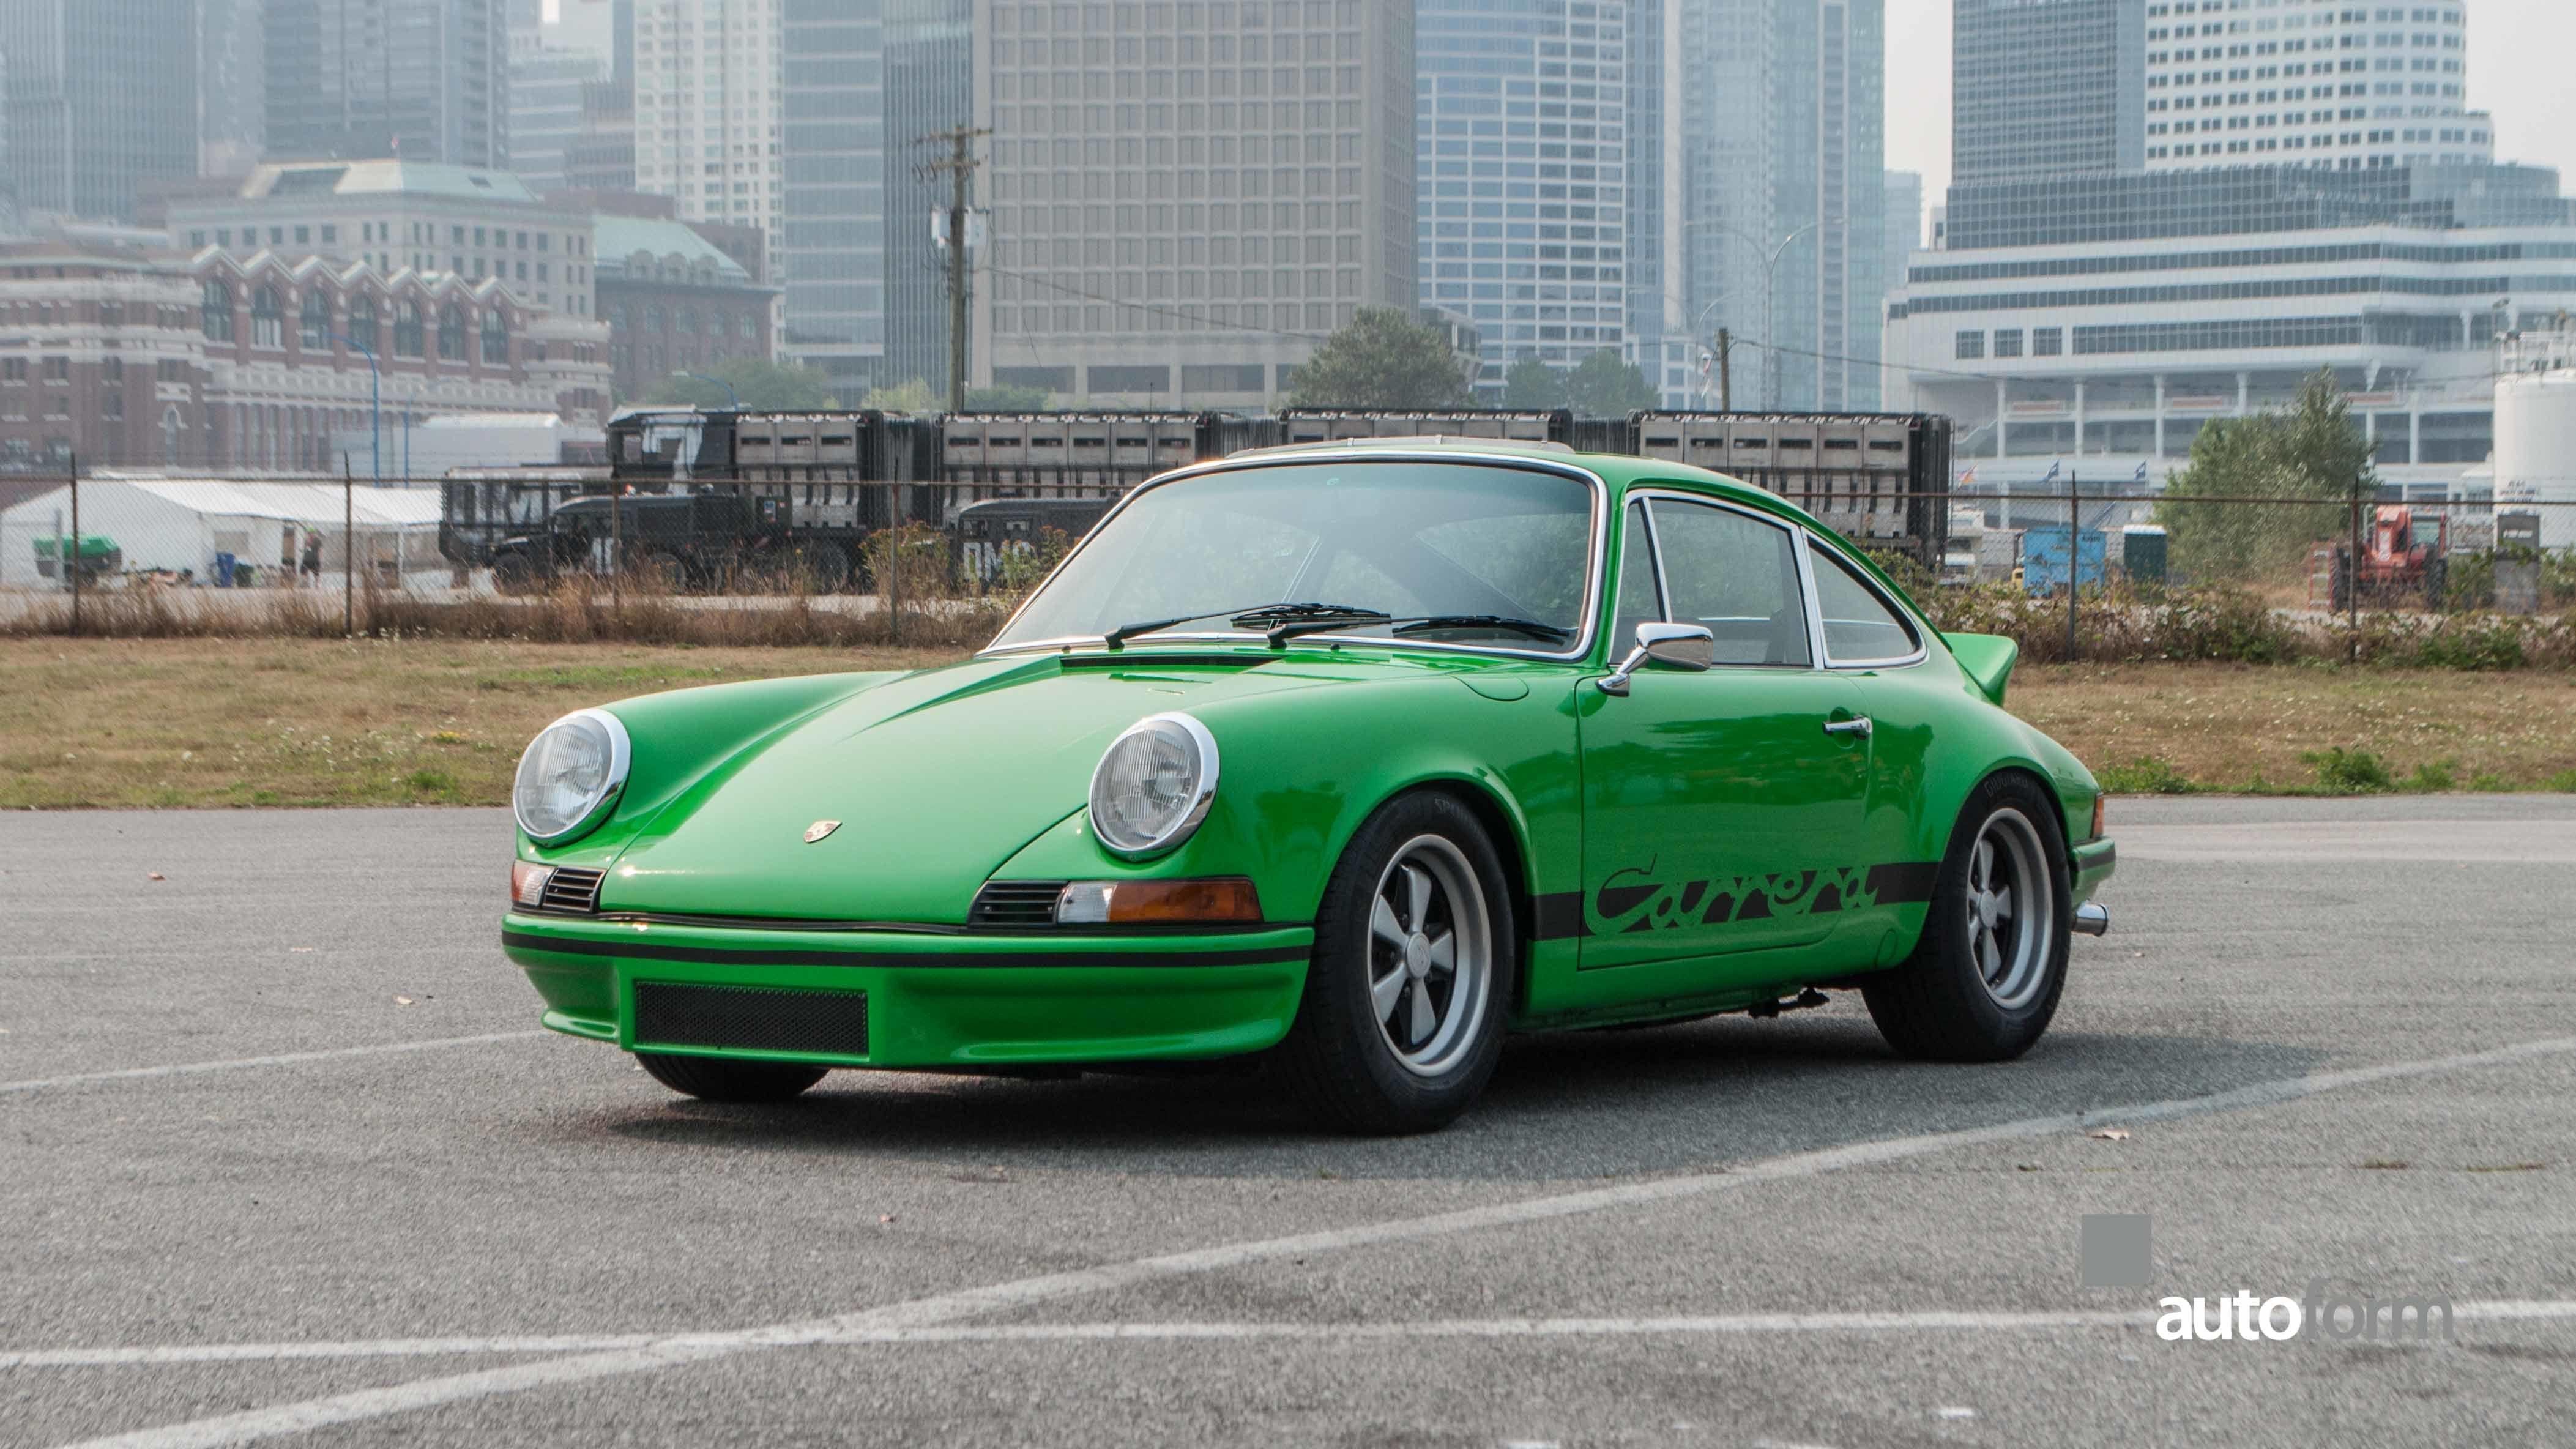 9262 d8298b52bb7a1980 porsche 911 rs autoform vancouver1